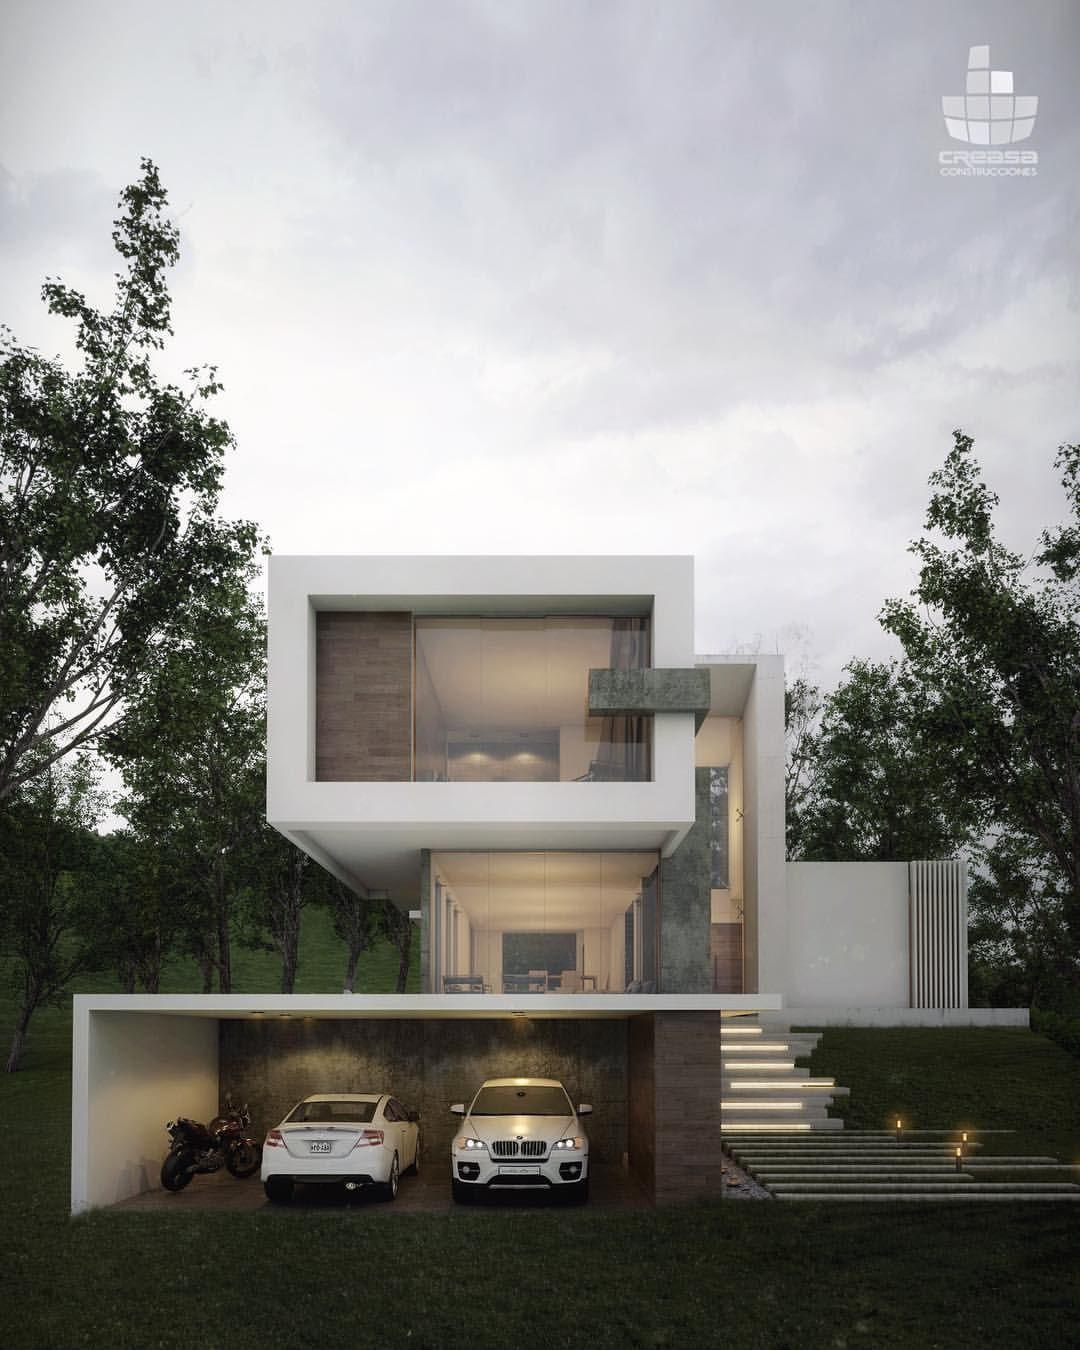 Pin von Erkan auf modern evler | Pinterest | Haus architektur ...